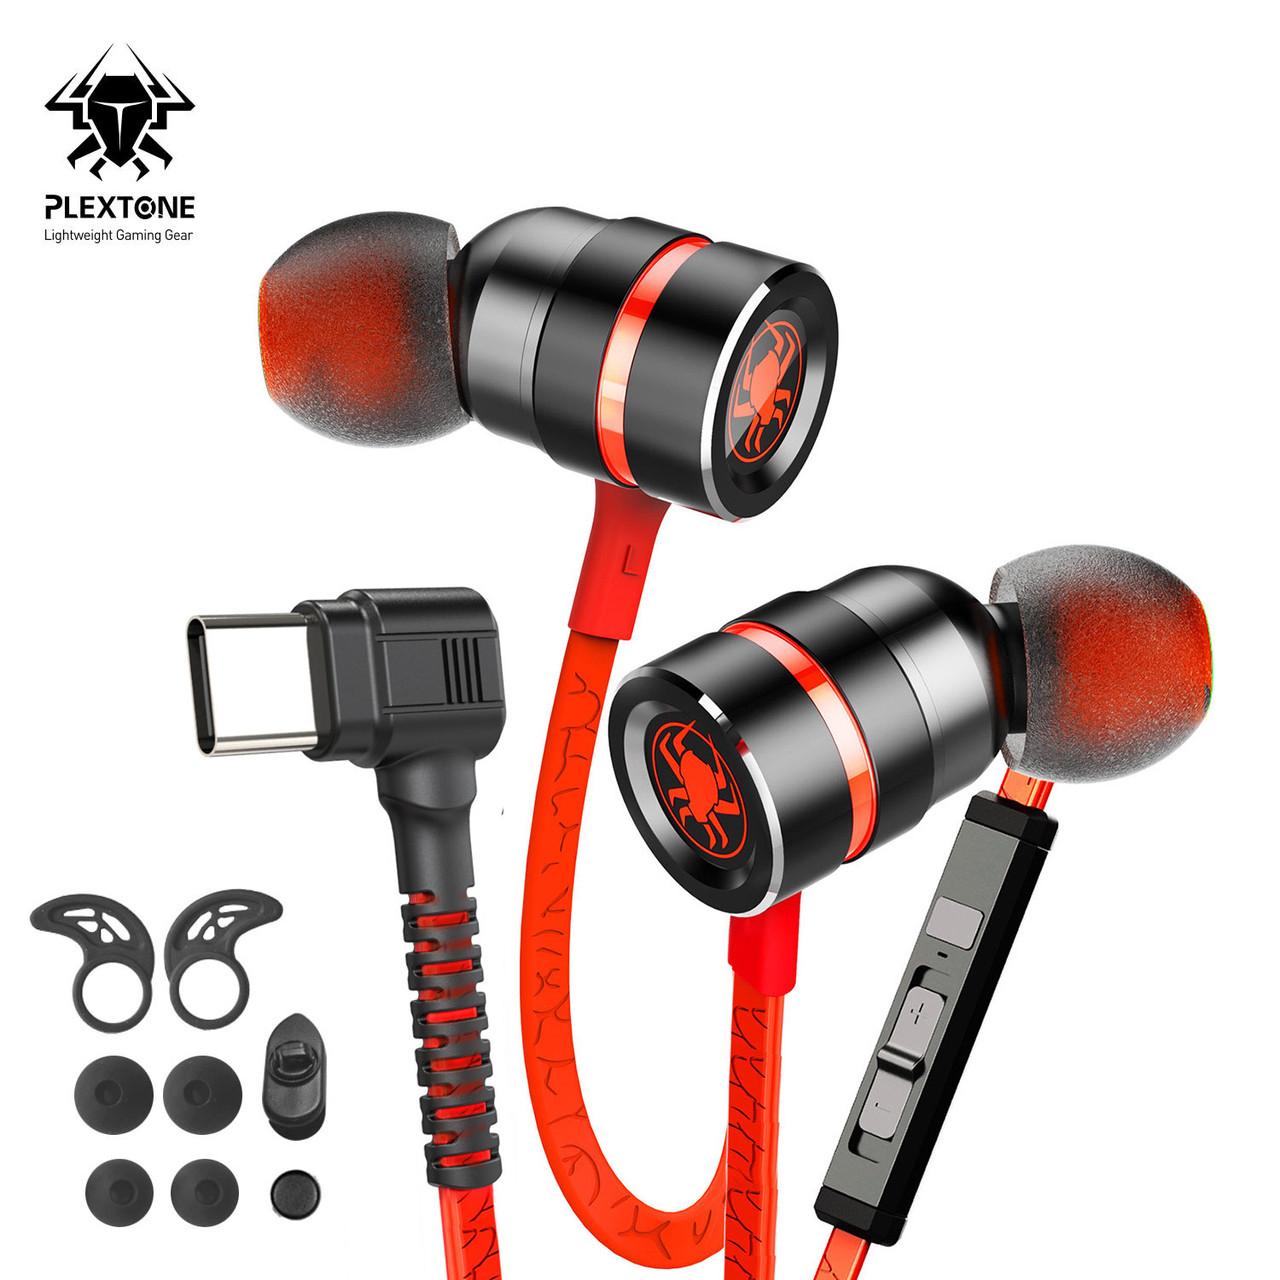 Провідні ігрові навушники Type-C (1.2 м) геймерська стерео гарнітура з мікрофоном для телефону смартфона